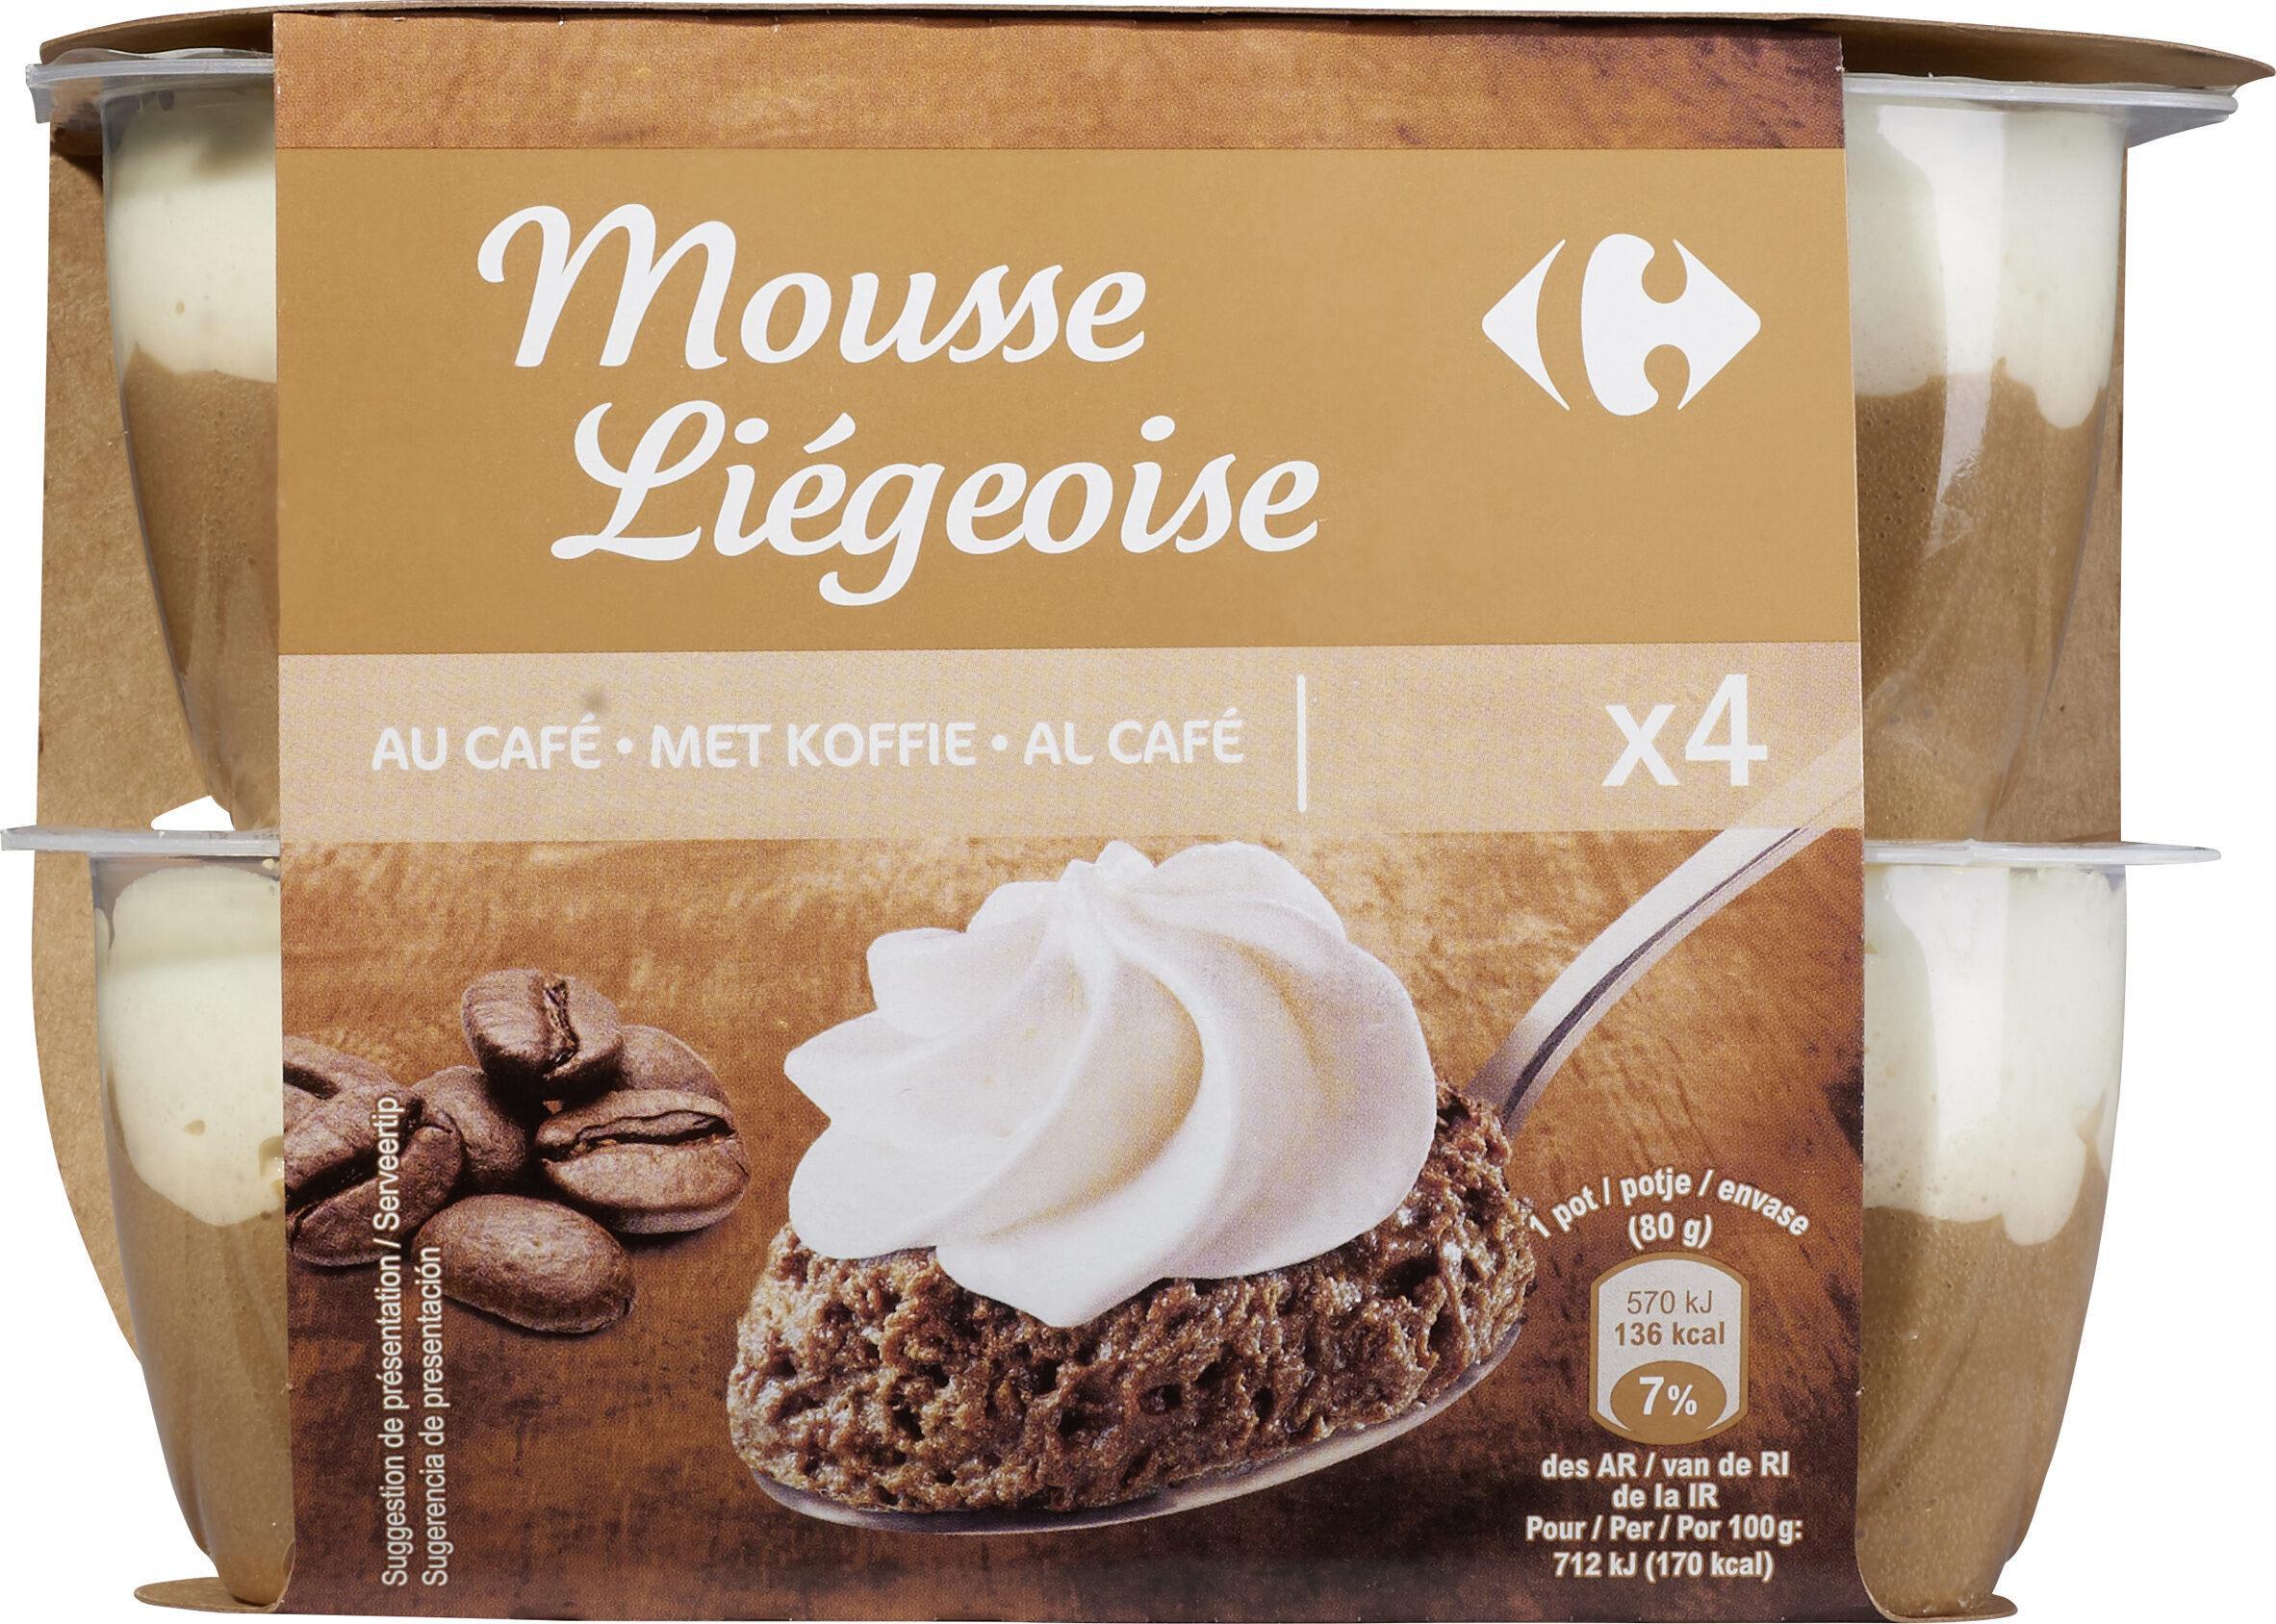 Mousse liégeoise à la crème fraîche Café - Producte - fr